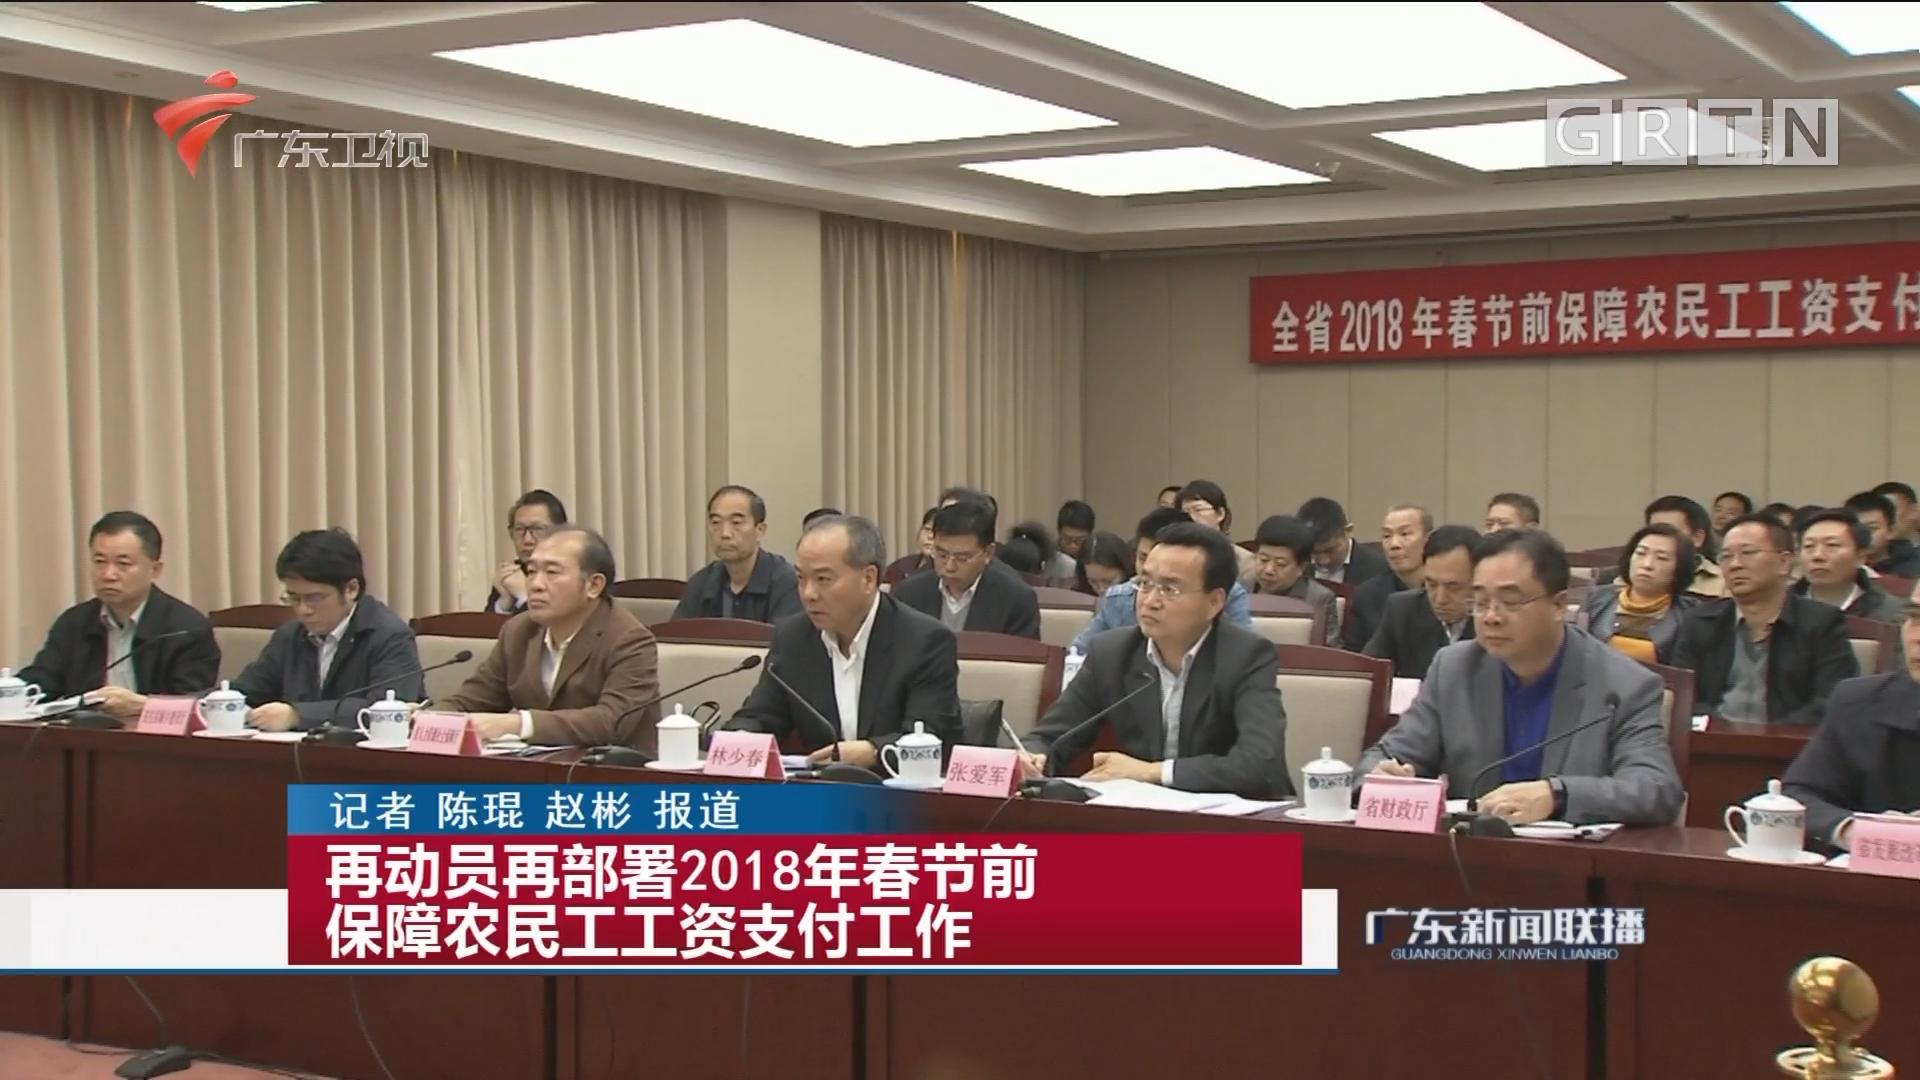 再动员再部署2018年春节前 保障农民工工资支付工作